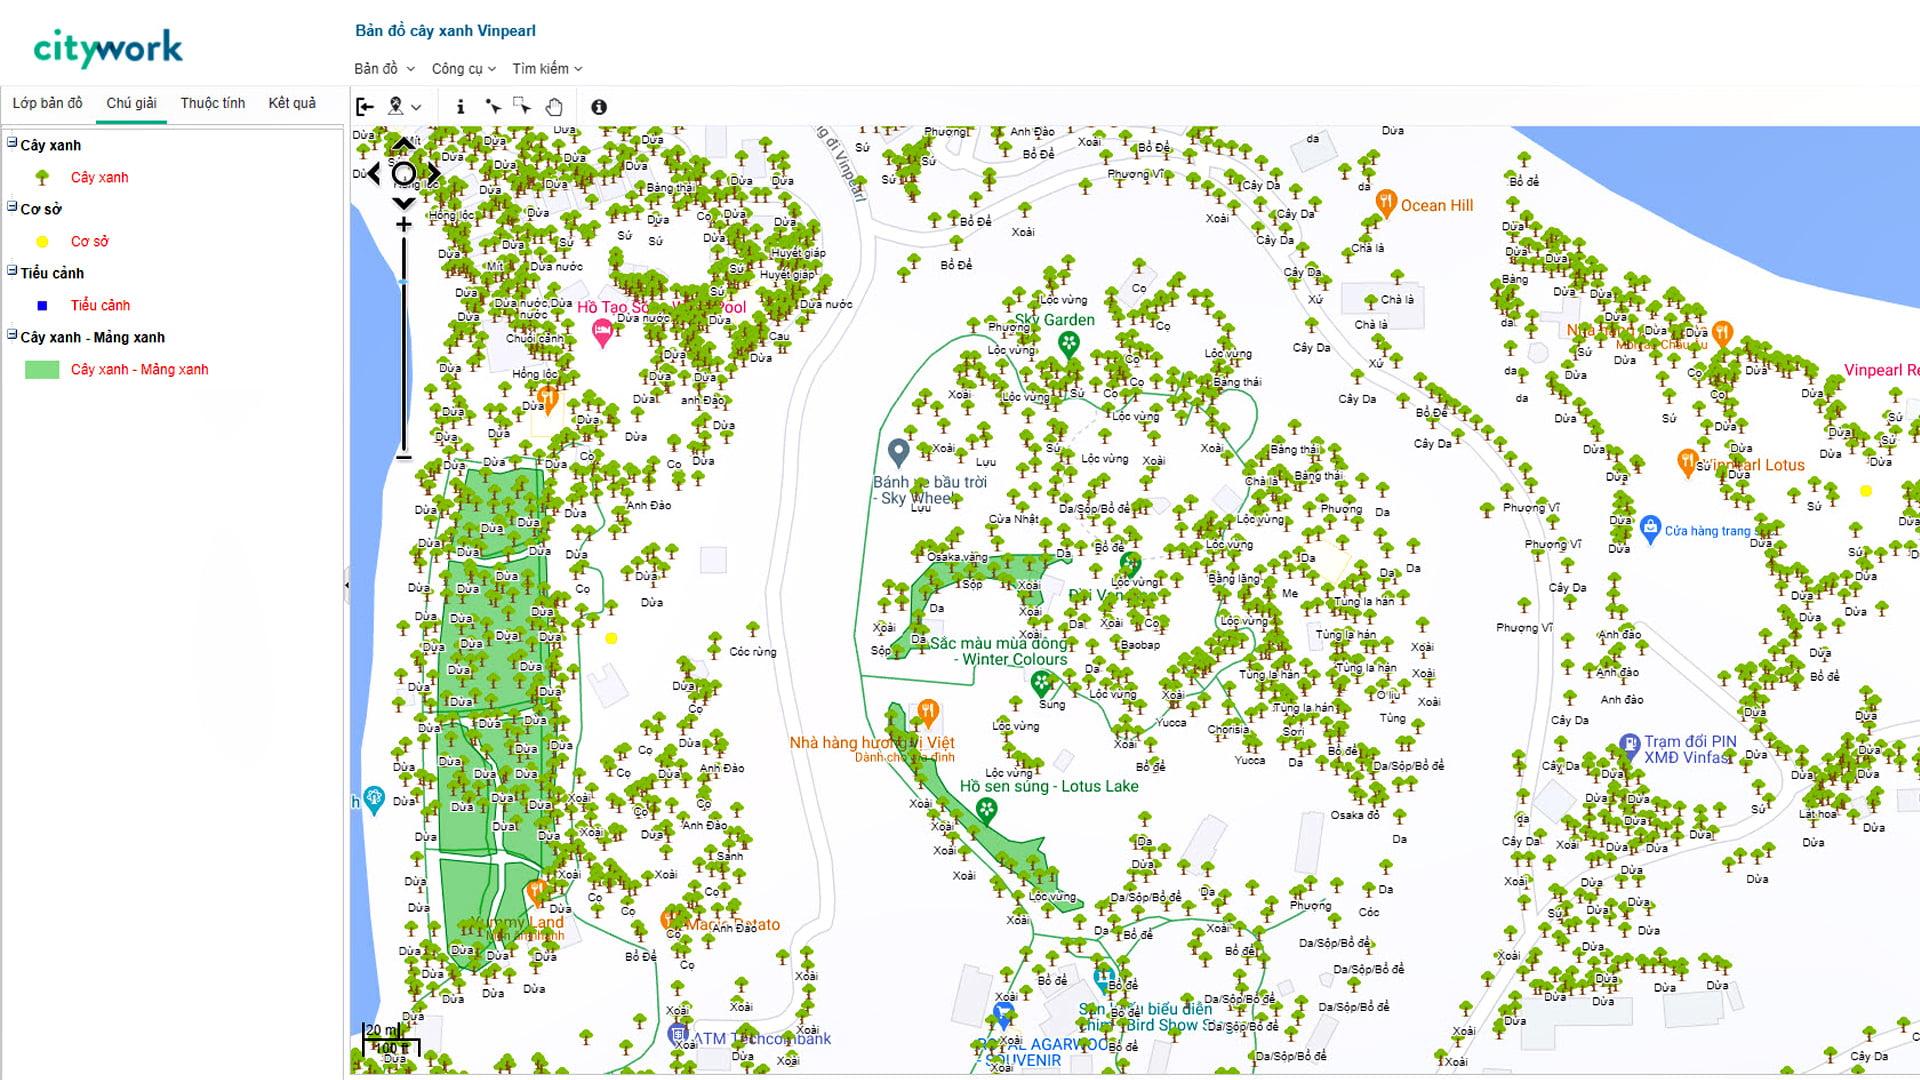 showcase-eKMap Editor được áp dụng để biên tập, cập nhật bản đồ cây xanh